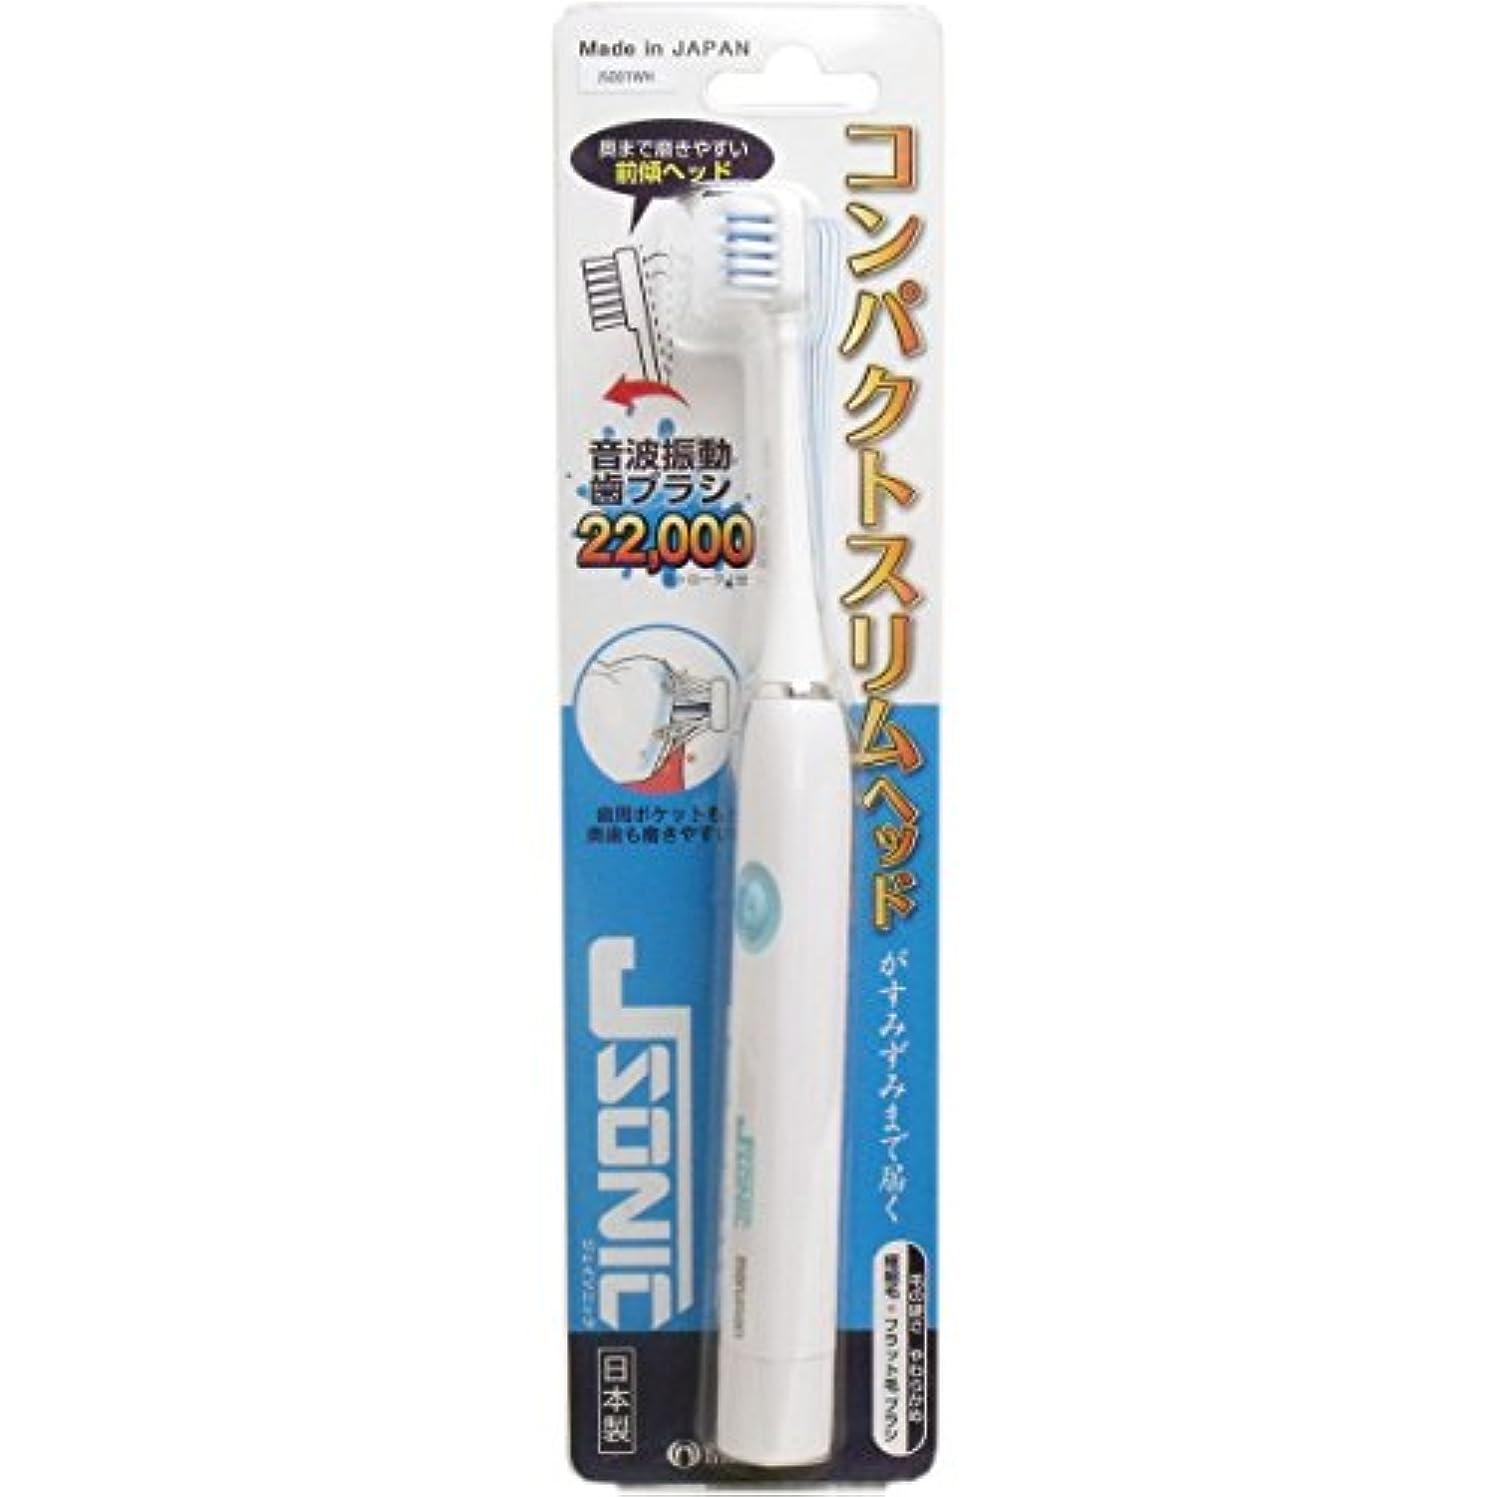 必要性残高フロンティアジェイソニック 音波振動歯ブラシ コンパクトスリムヘッド ホワイト